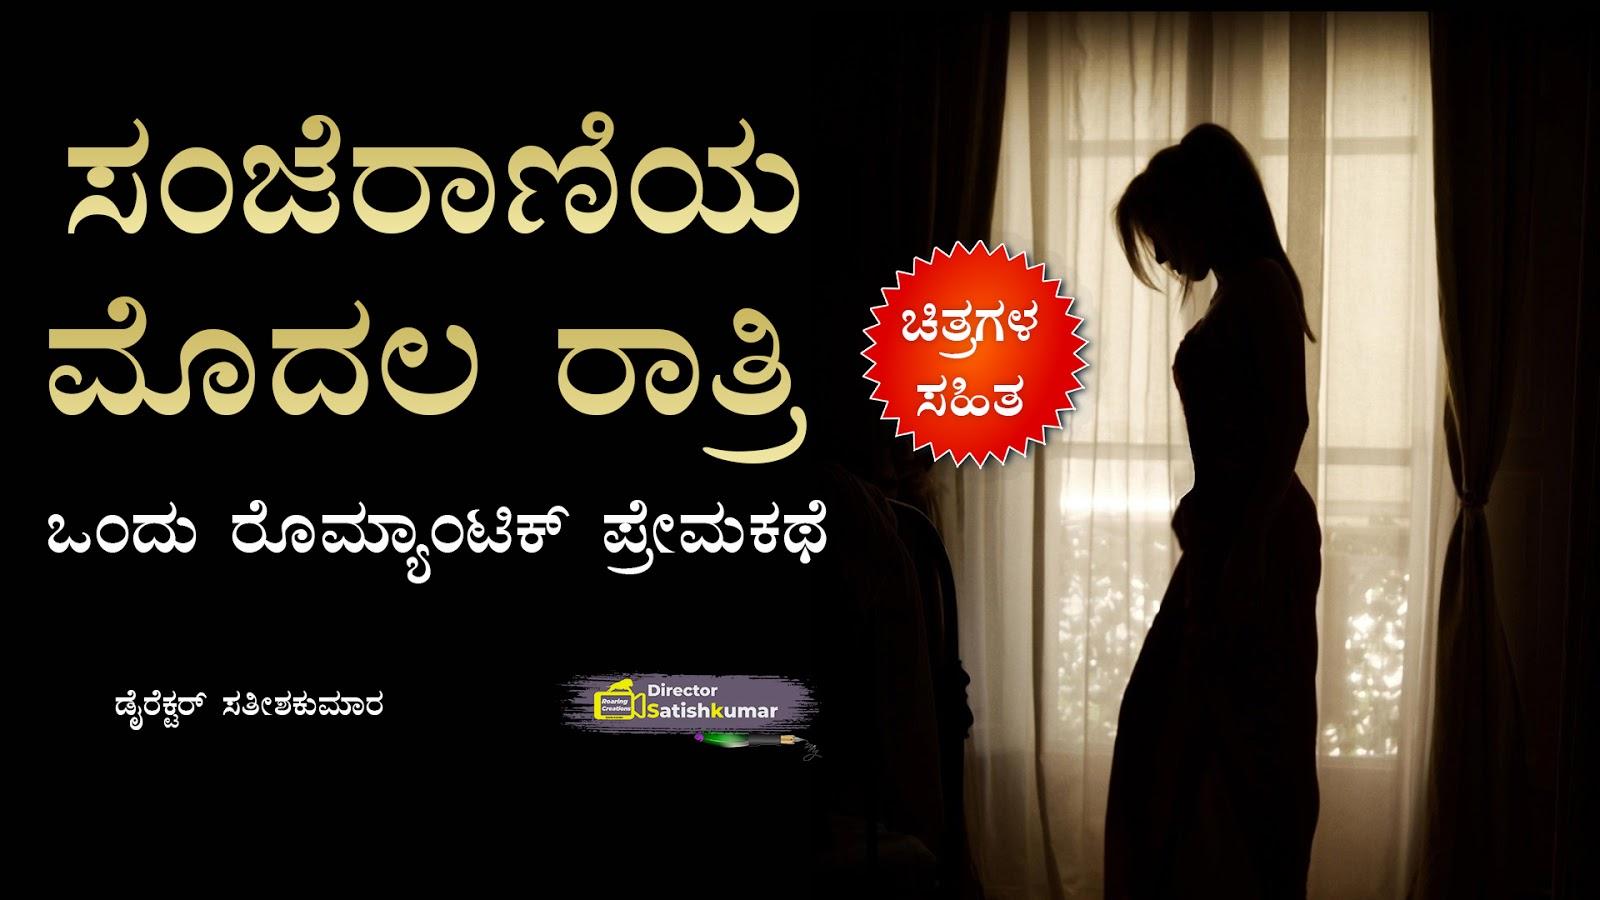 ಸಂಜೆರಾಣಿಯ ಮೊದಲ ರಾತ್ರಿ - ಒಂದು ರೊಮ್ಯಾಂಟಿಕ್ ಪ್ರೇಮಕಥೆ - One Romantic Love Story in Kannada